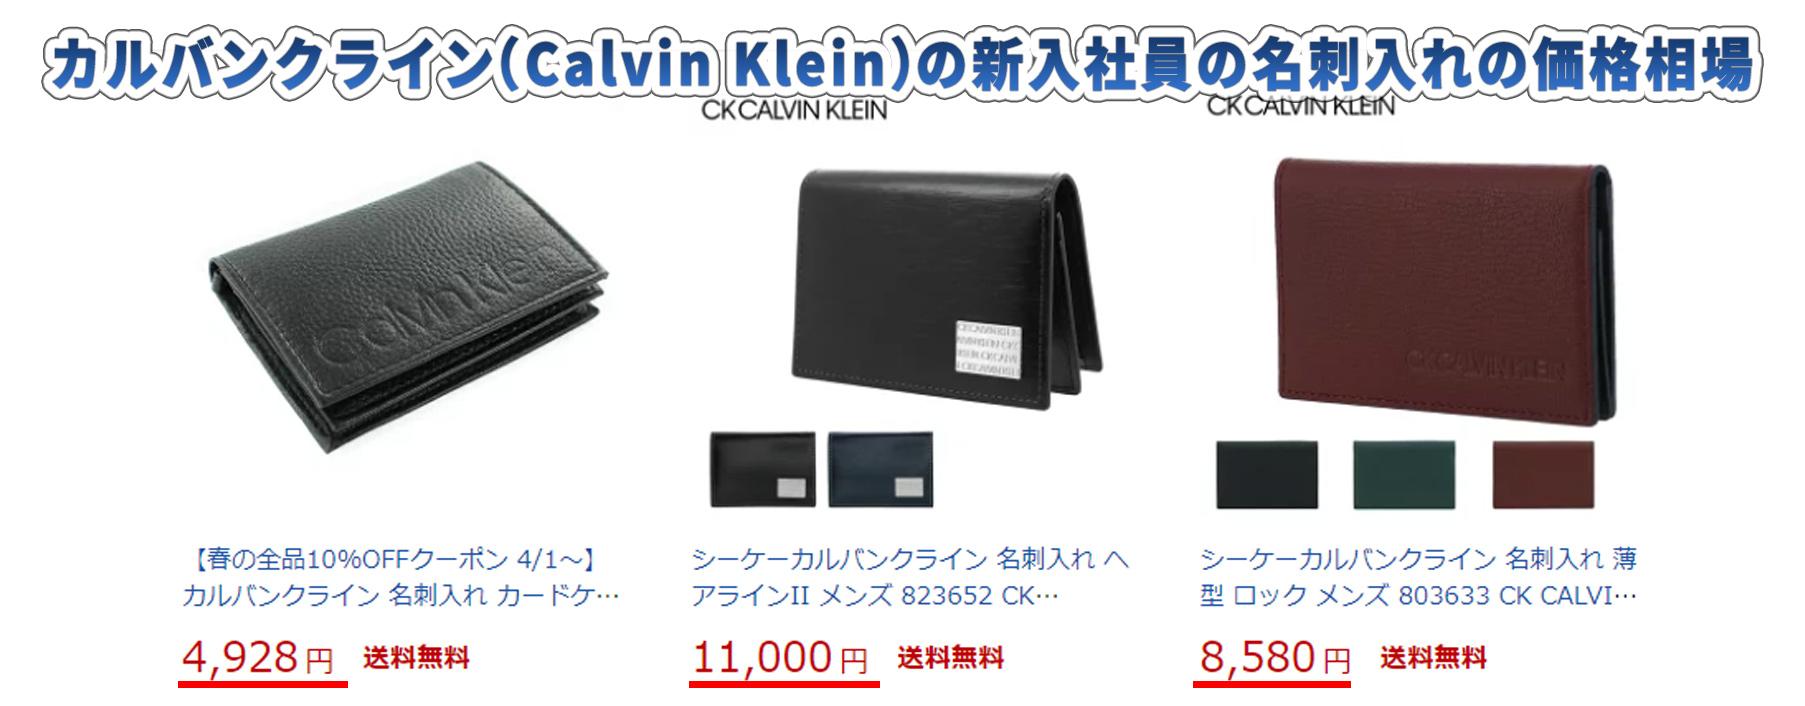 カルバンクライン(Calvin Klein)の新入社員の名刺入れの価格相場